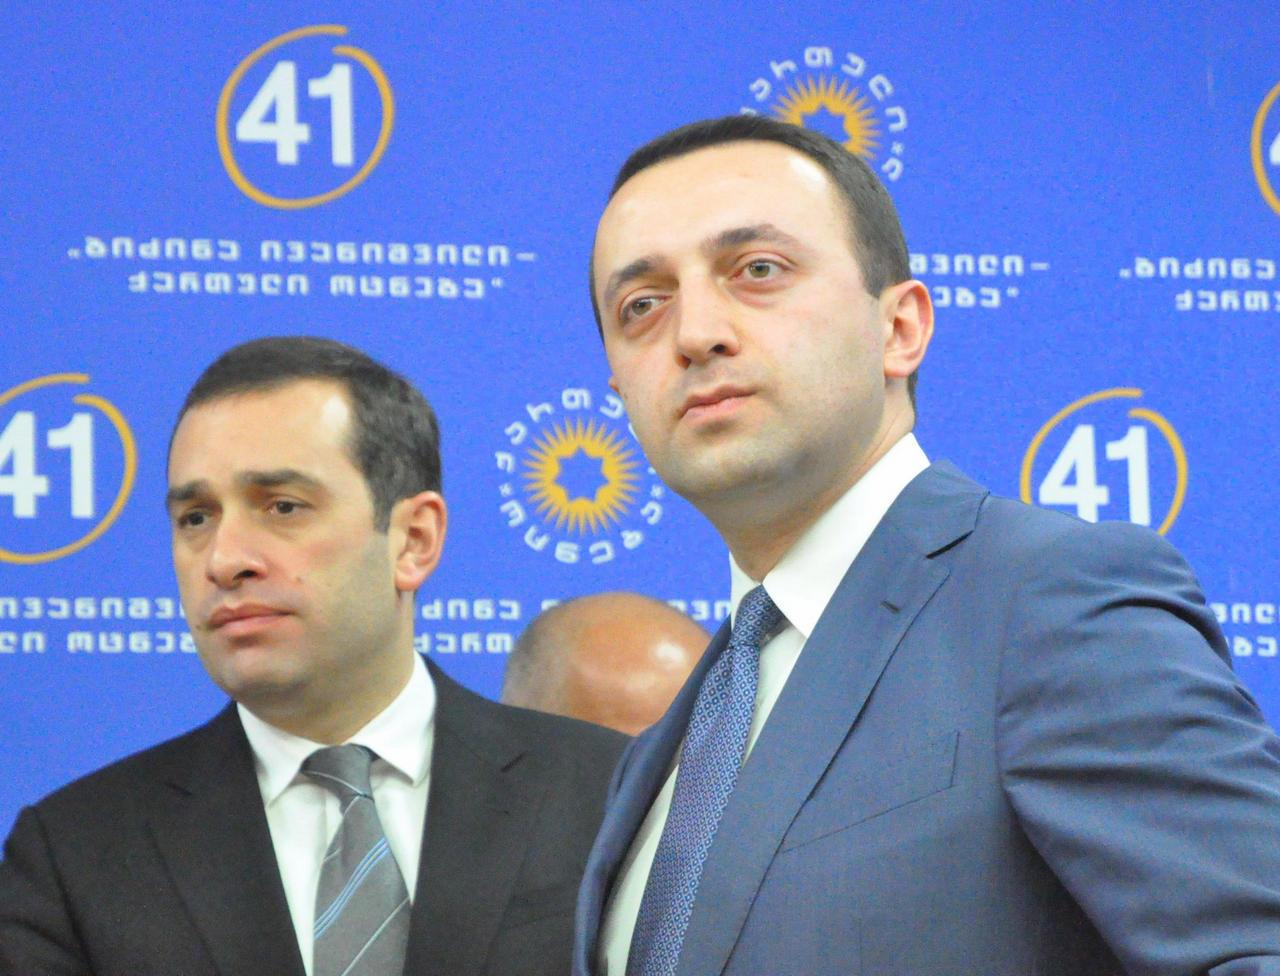 ირაკლი ალასანია მინისტრის პოსტიდან გადააყენეს